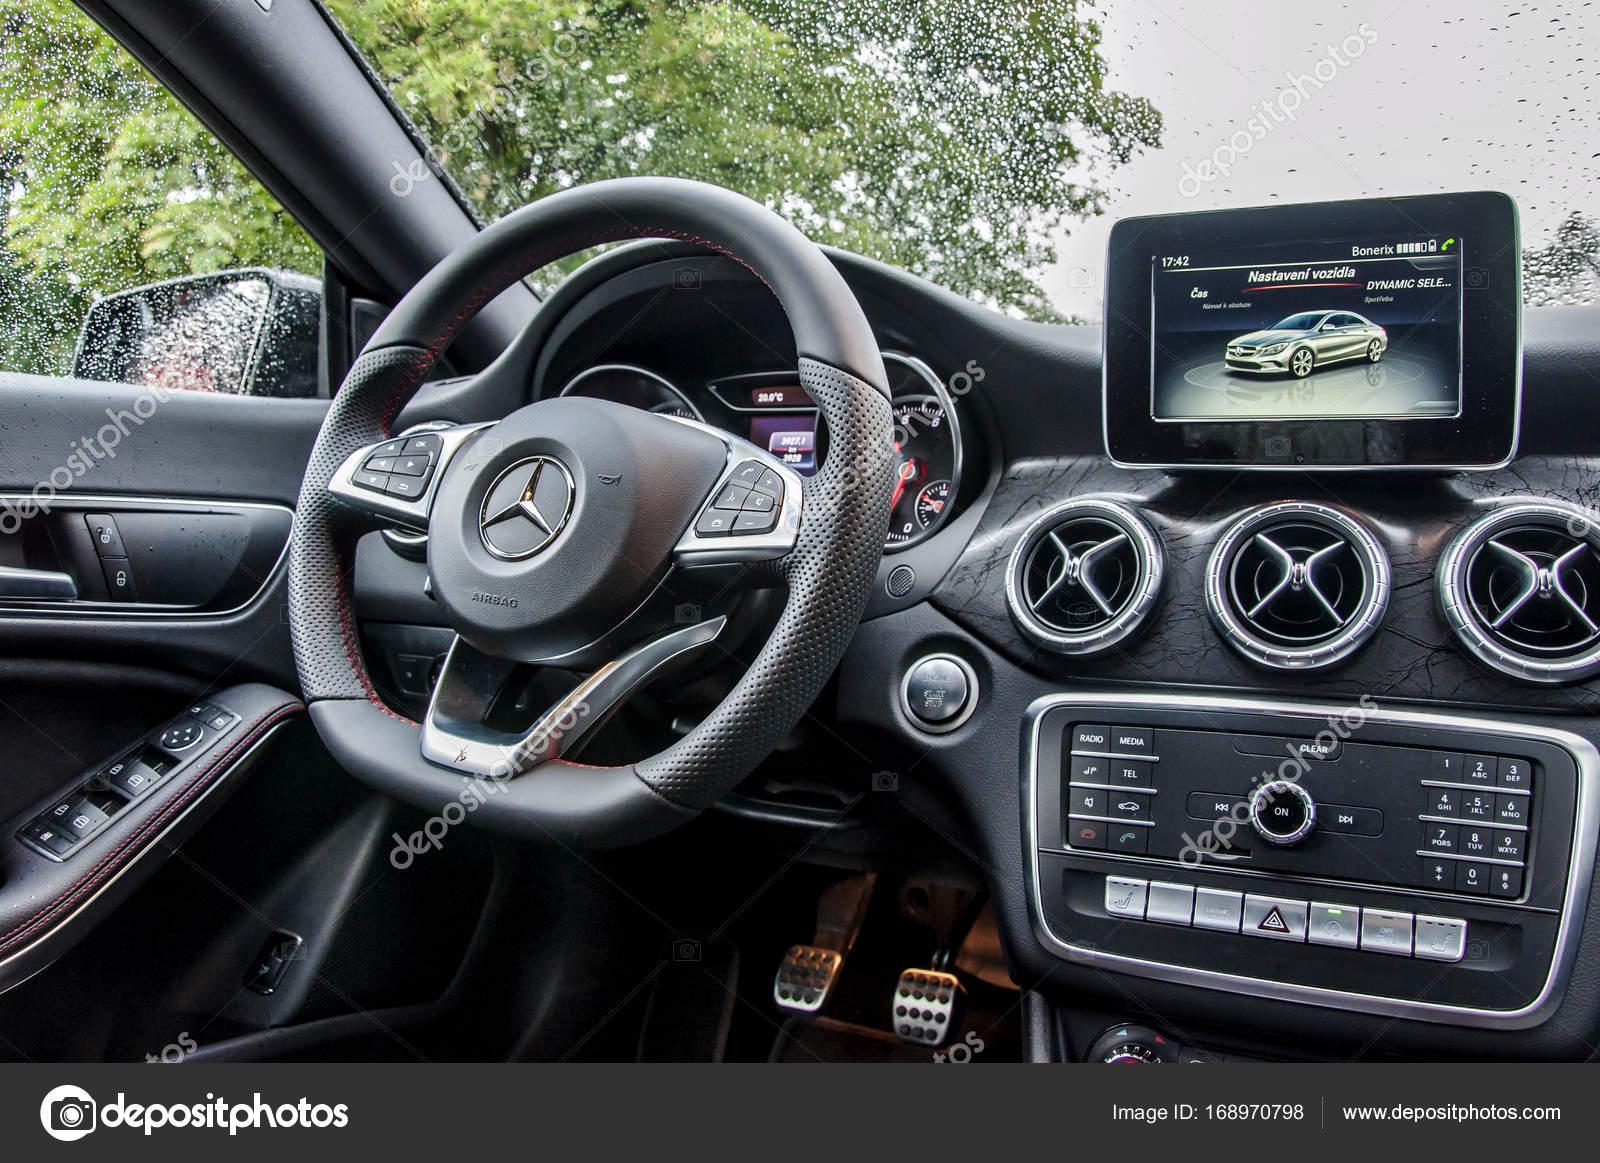 praag tsjechi 3182017 interieur van mercedes benz cla 45 amg auto interieur van luxe mercedes met dashboard en het stuurwiel foto van tadeas